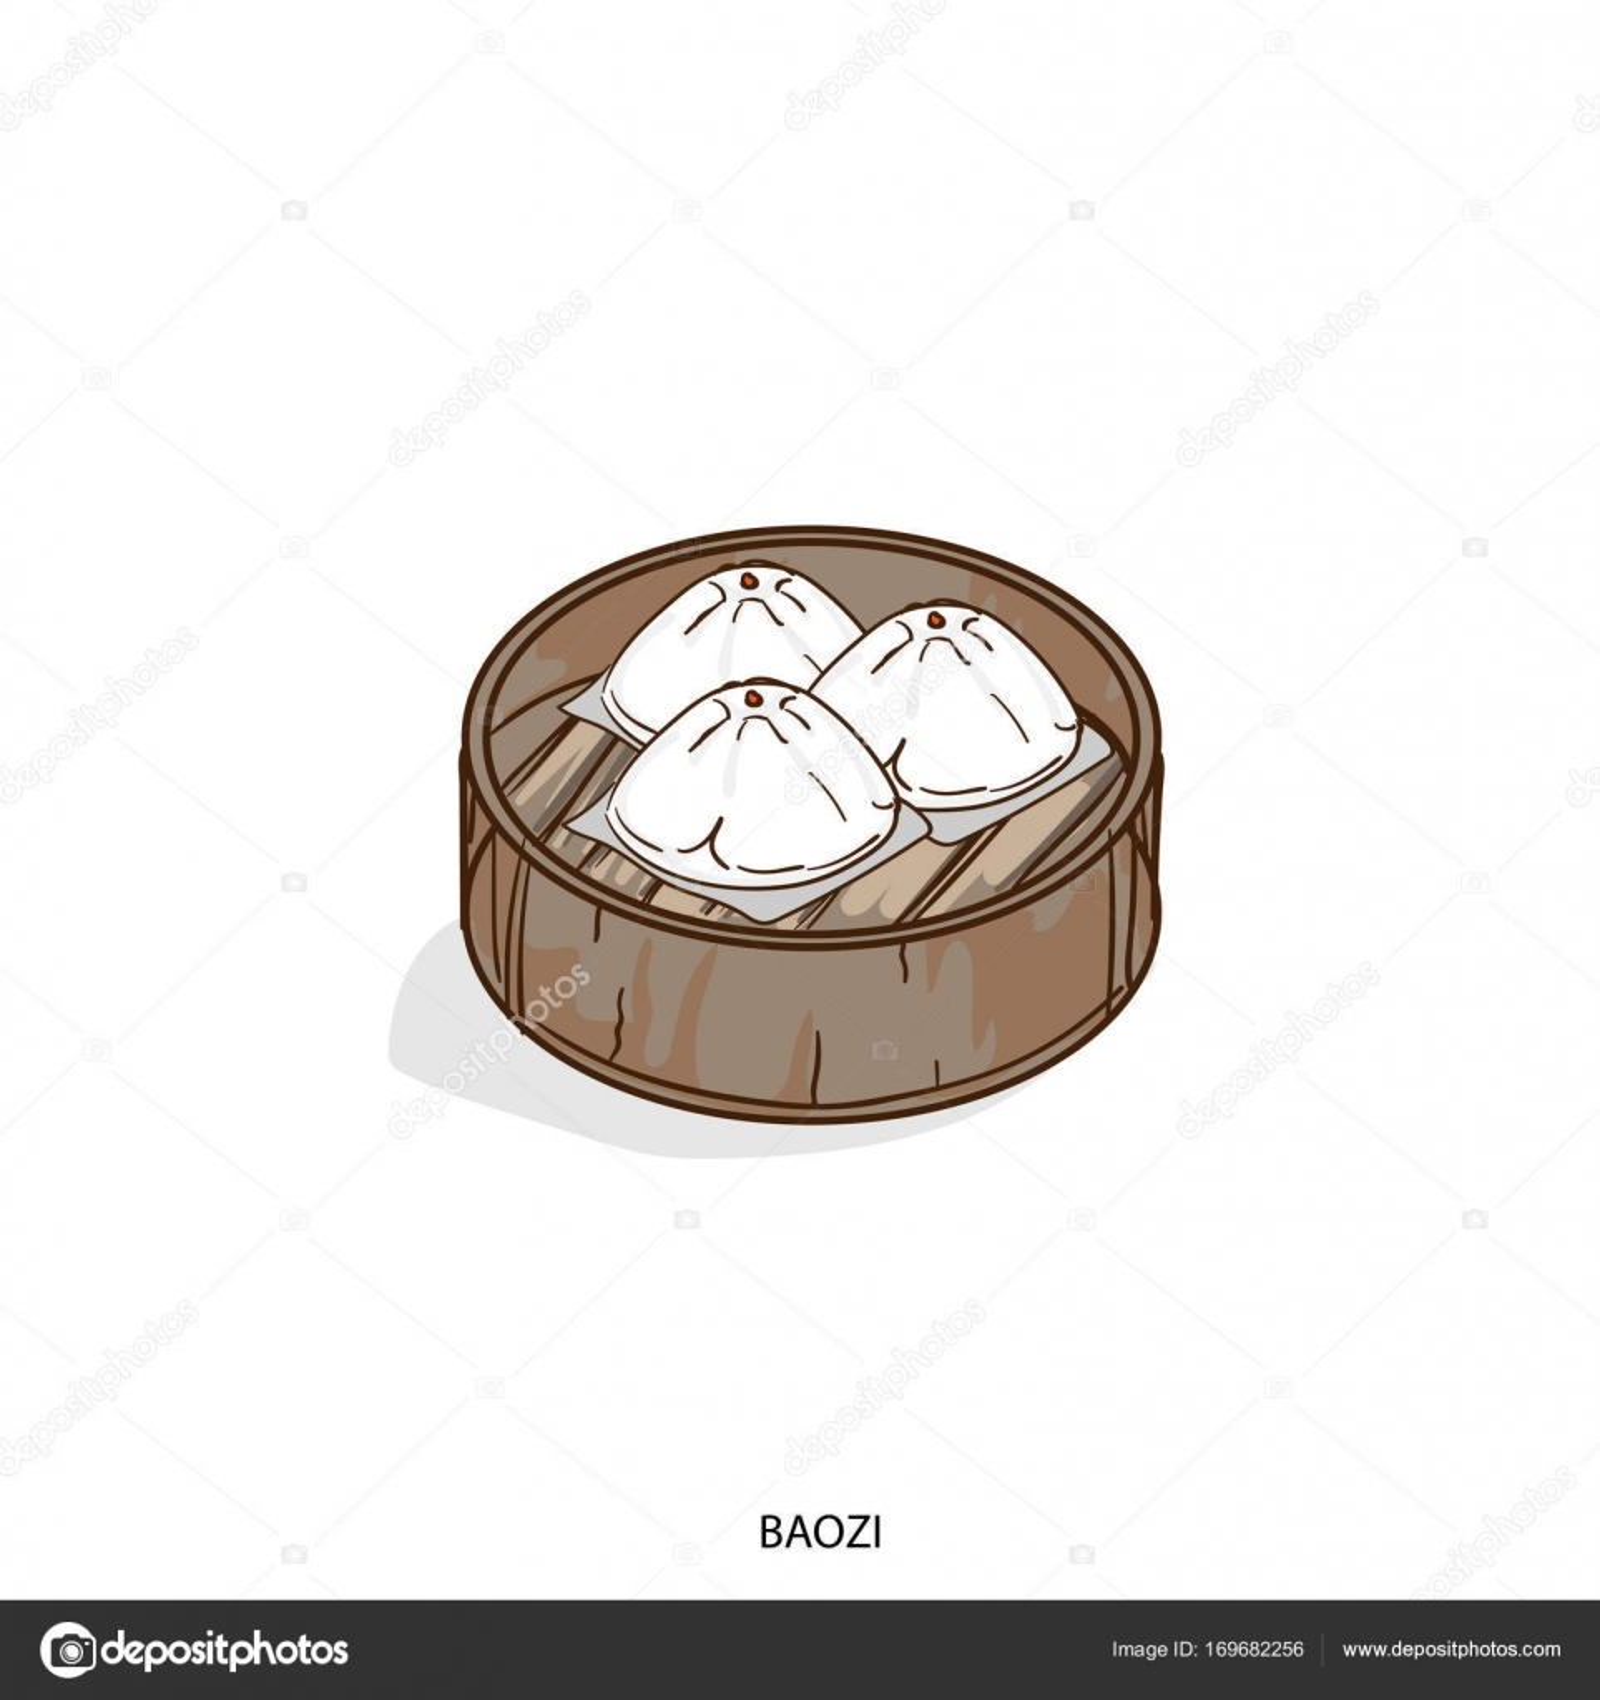 Jidlo Objektu Baozi Rucni Kresba Stock Vektor C Foontntd 169682256